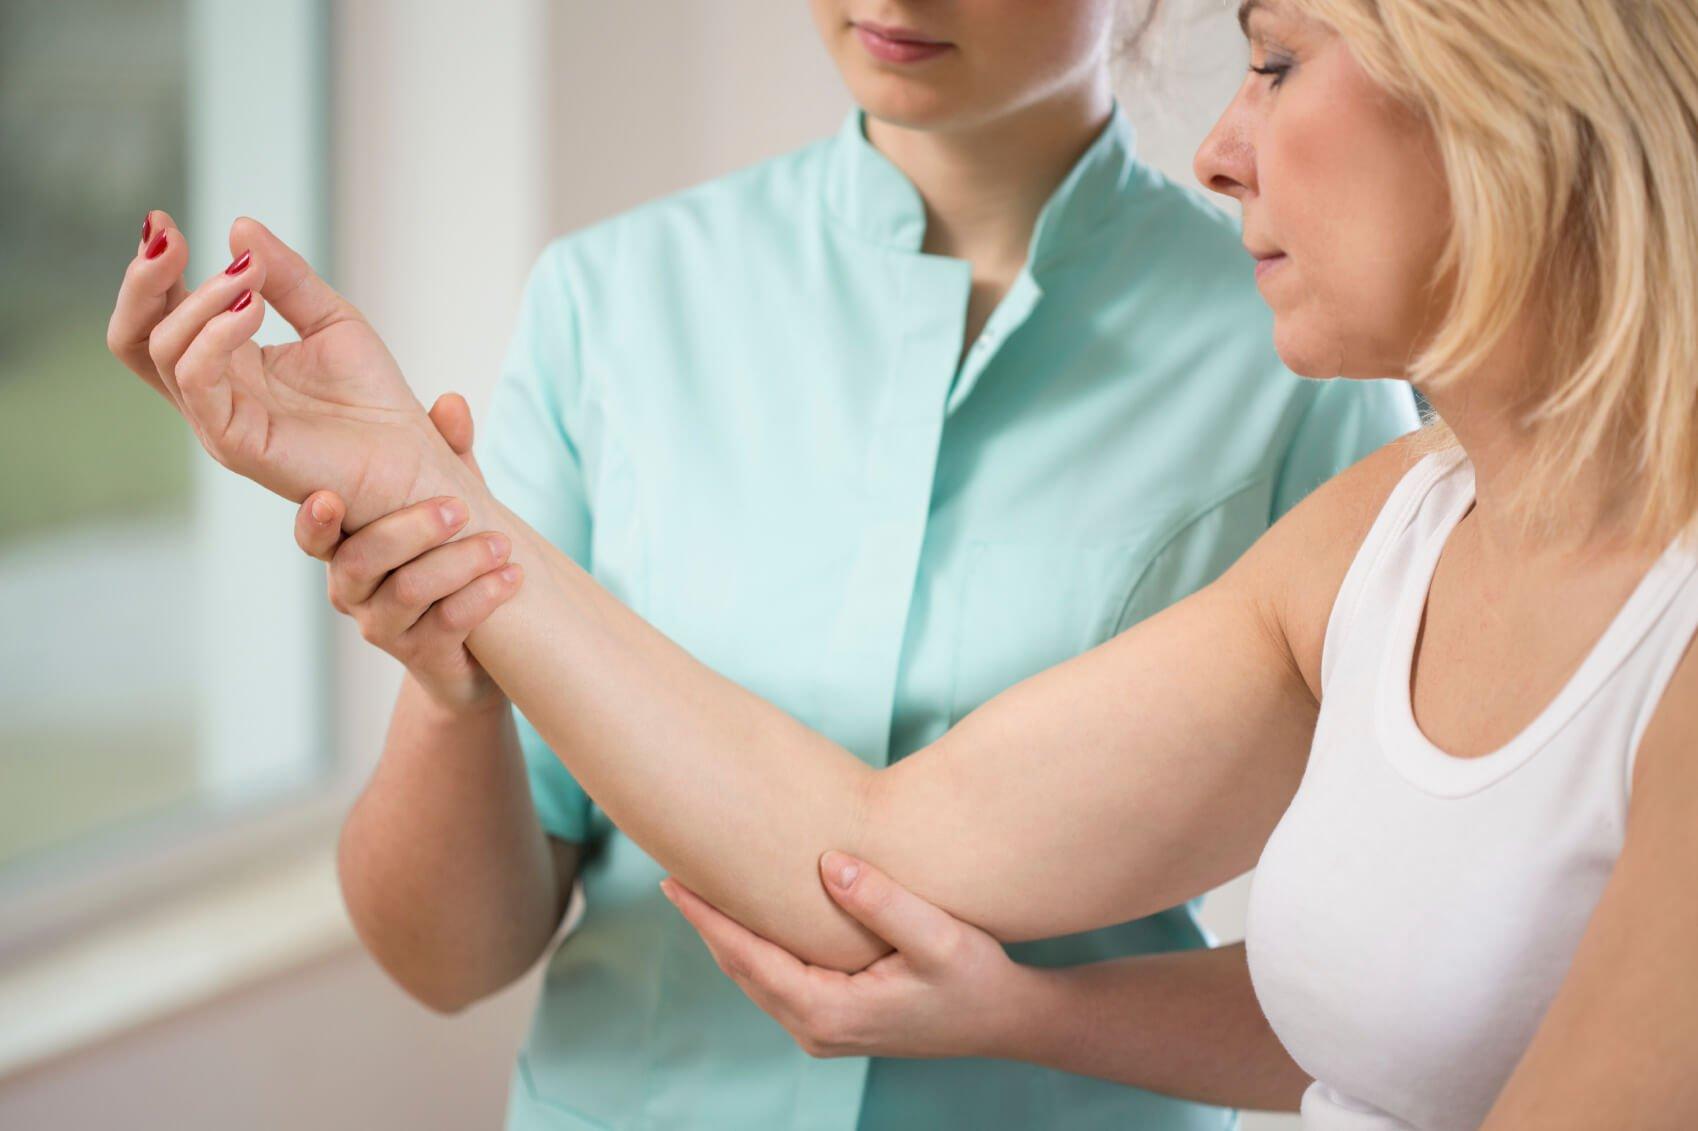 Arm Pain Treatment Buffalo, NY